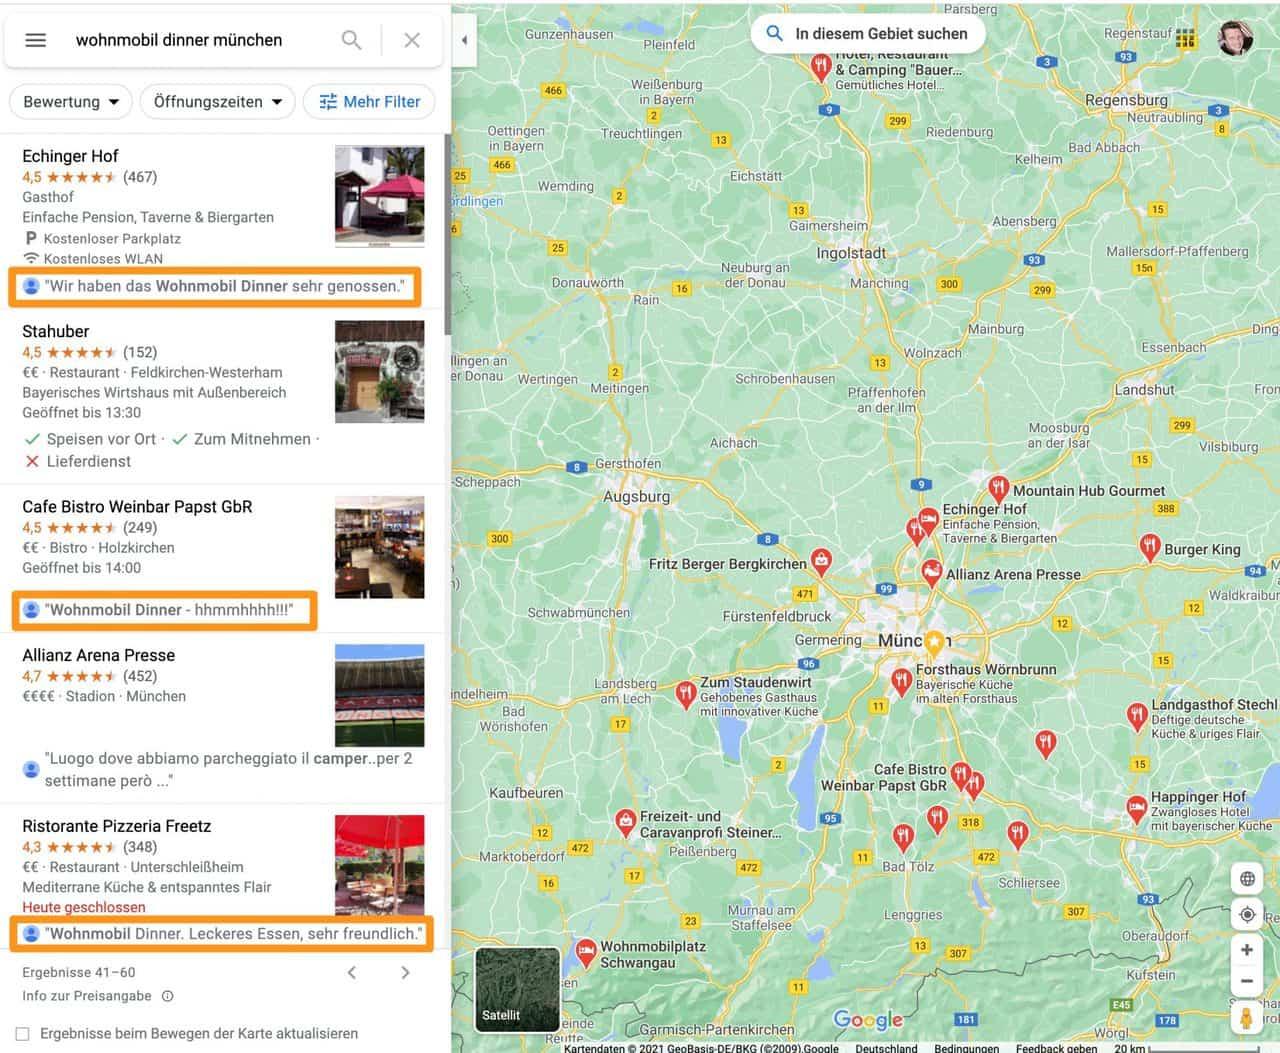 Wohnmobi-Dinner-suchen-und-finden-über-Google-Maps